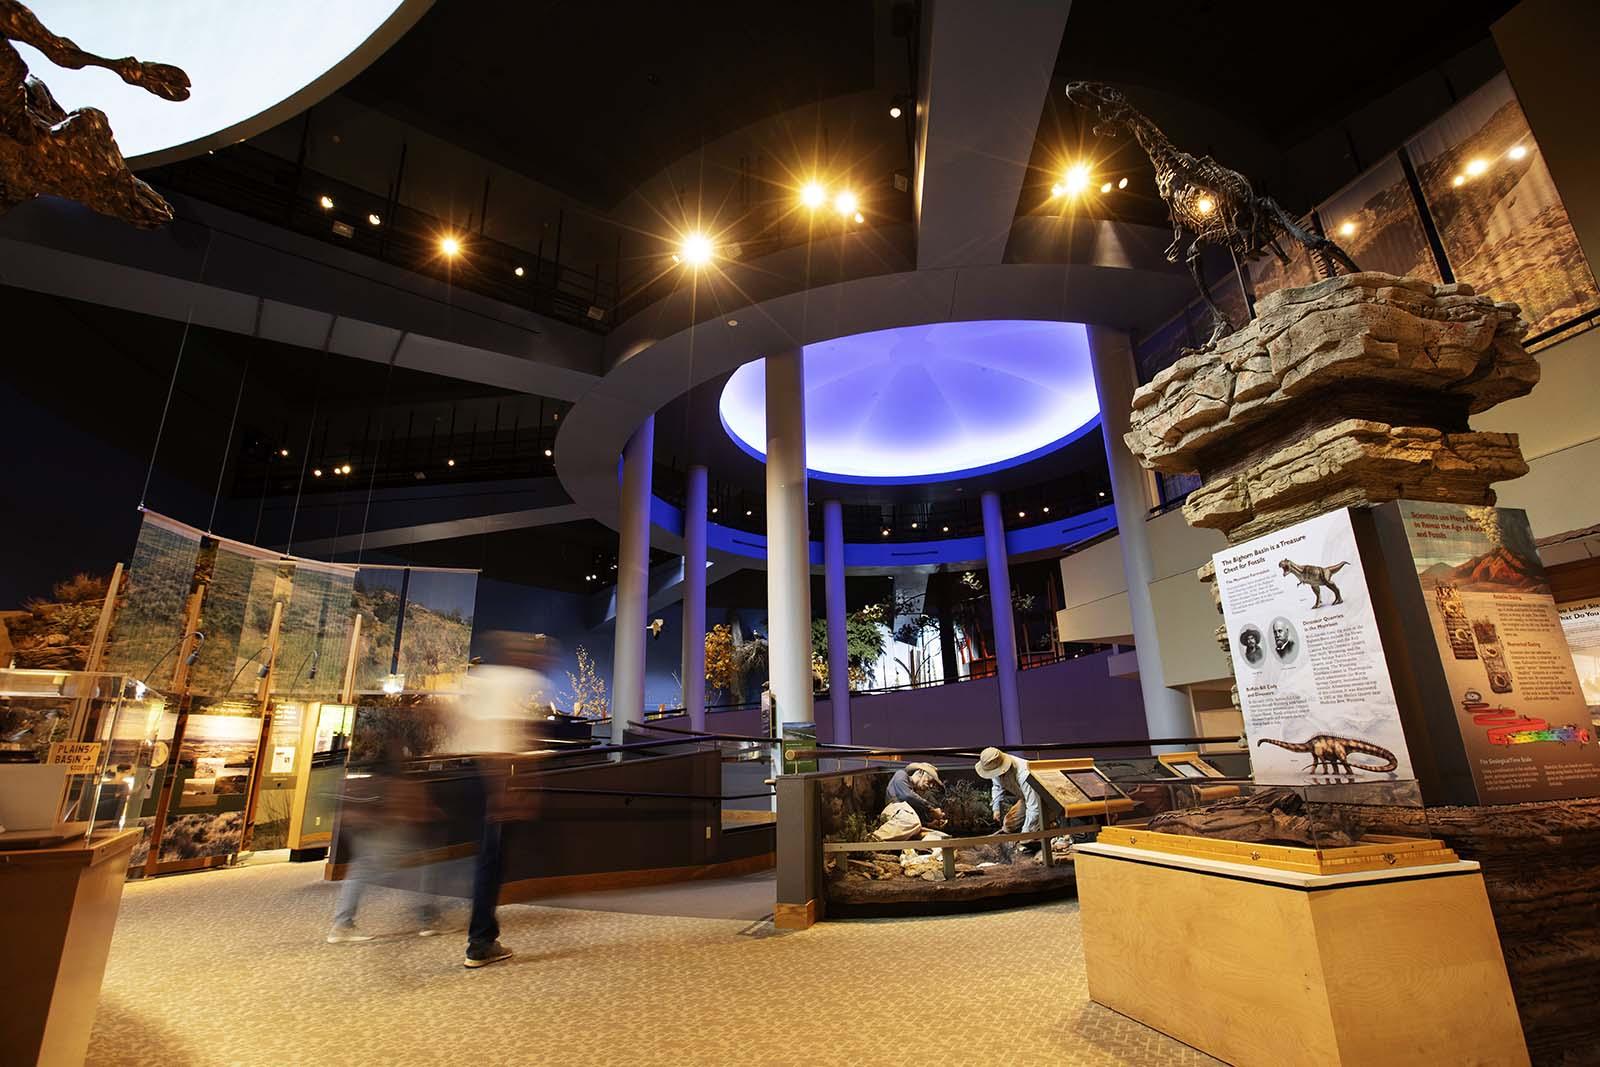 Draper Natural History Museum